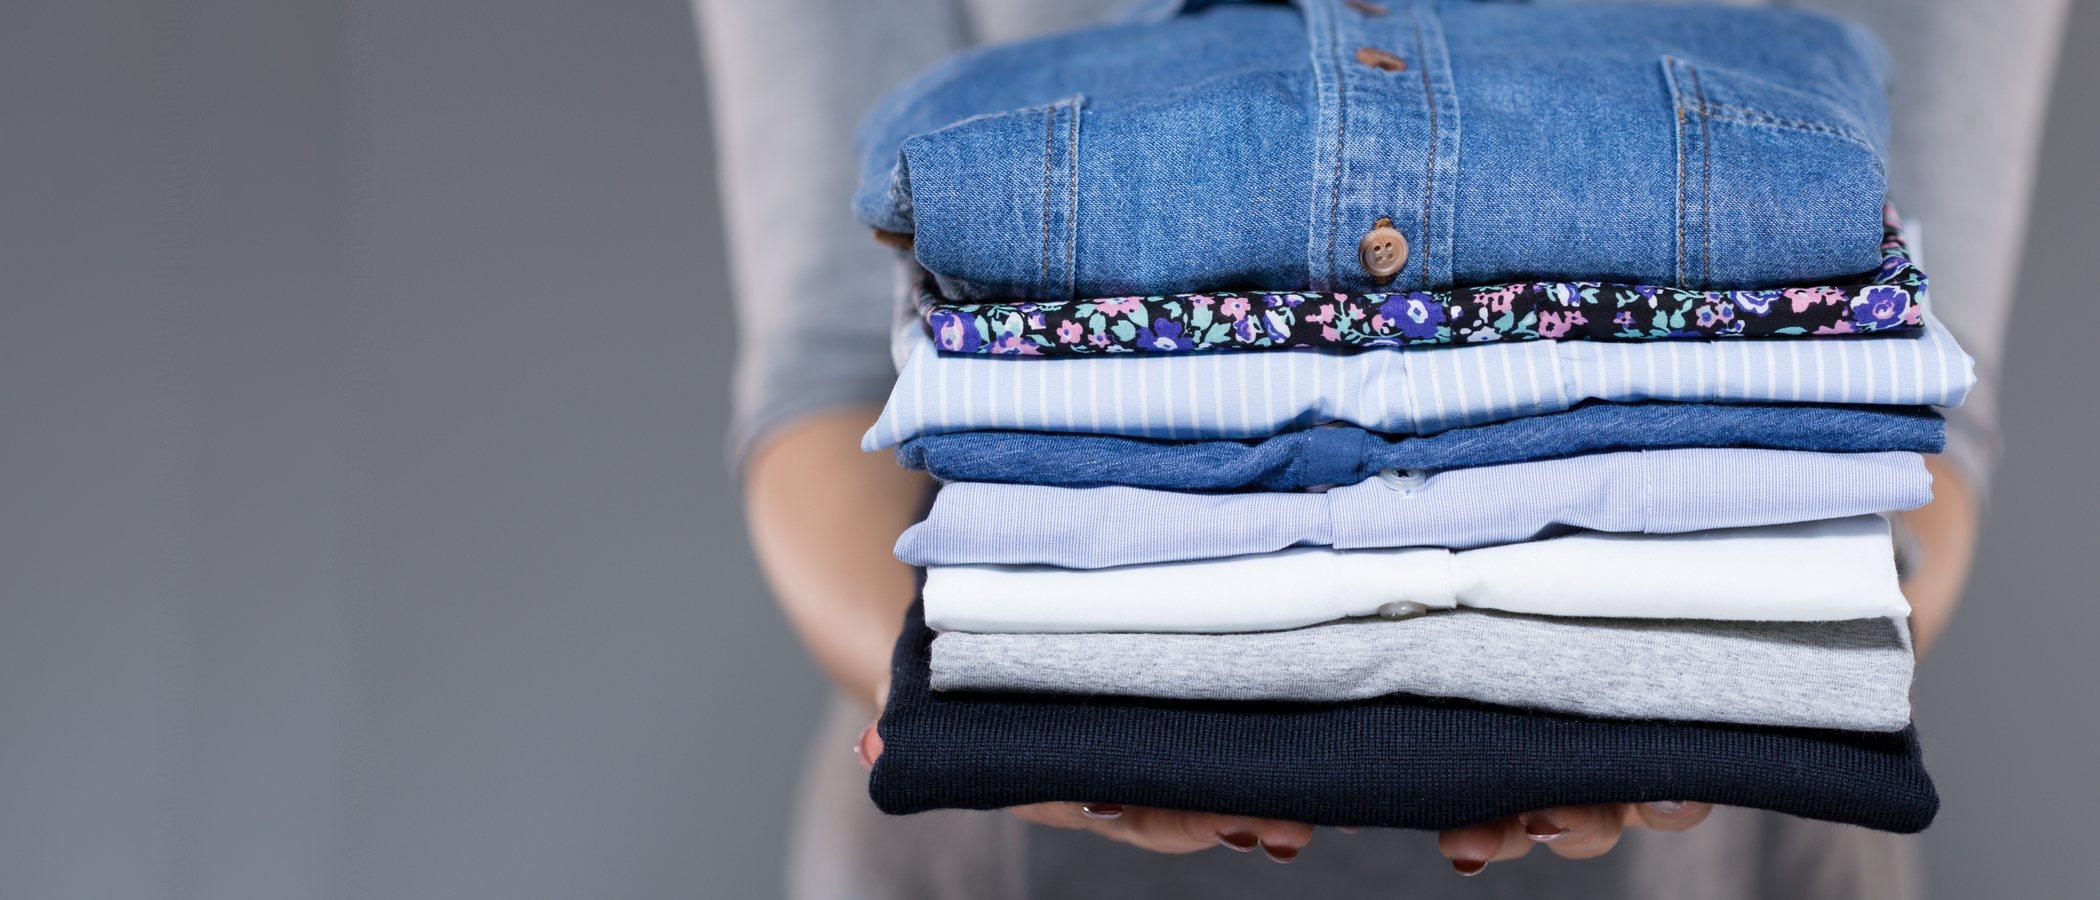 Cómo doblar la ropa correctamente